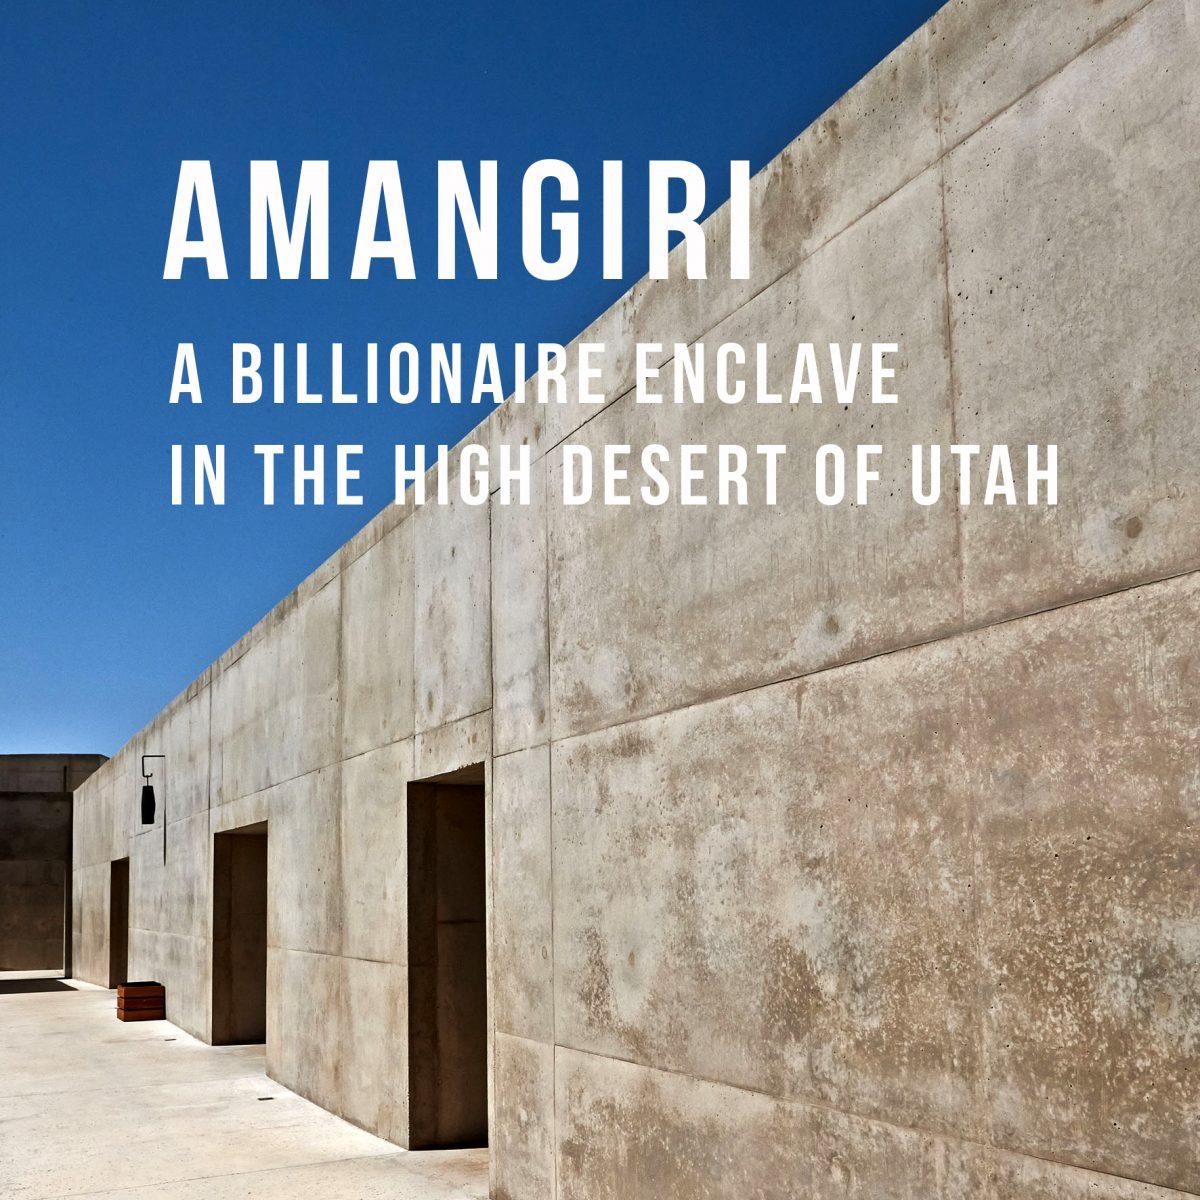 AMANGIRI - spectacularly hotel